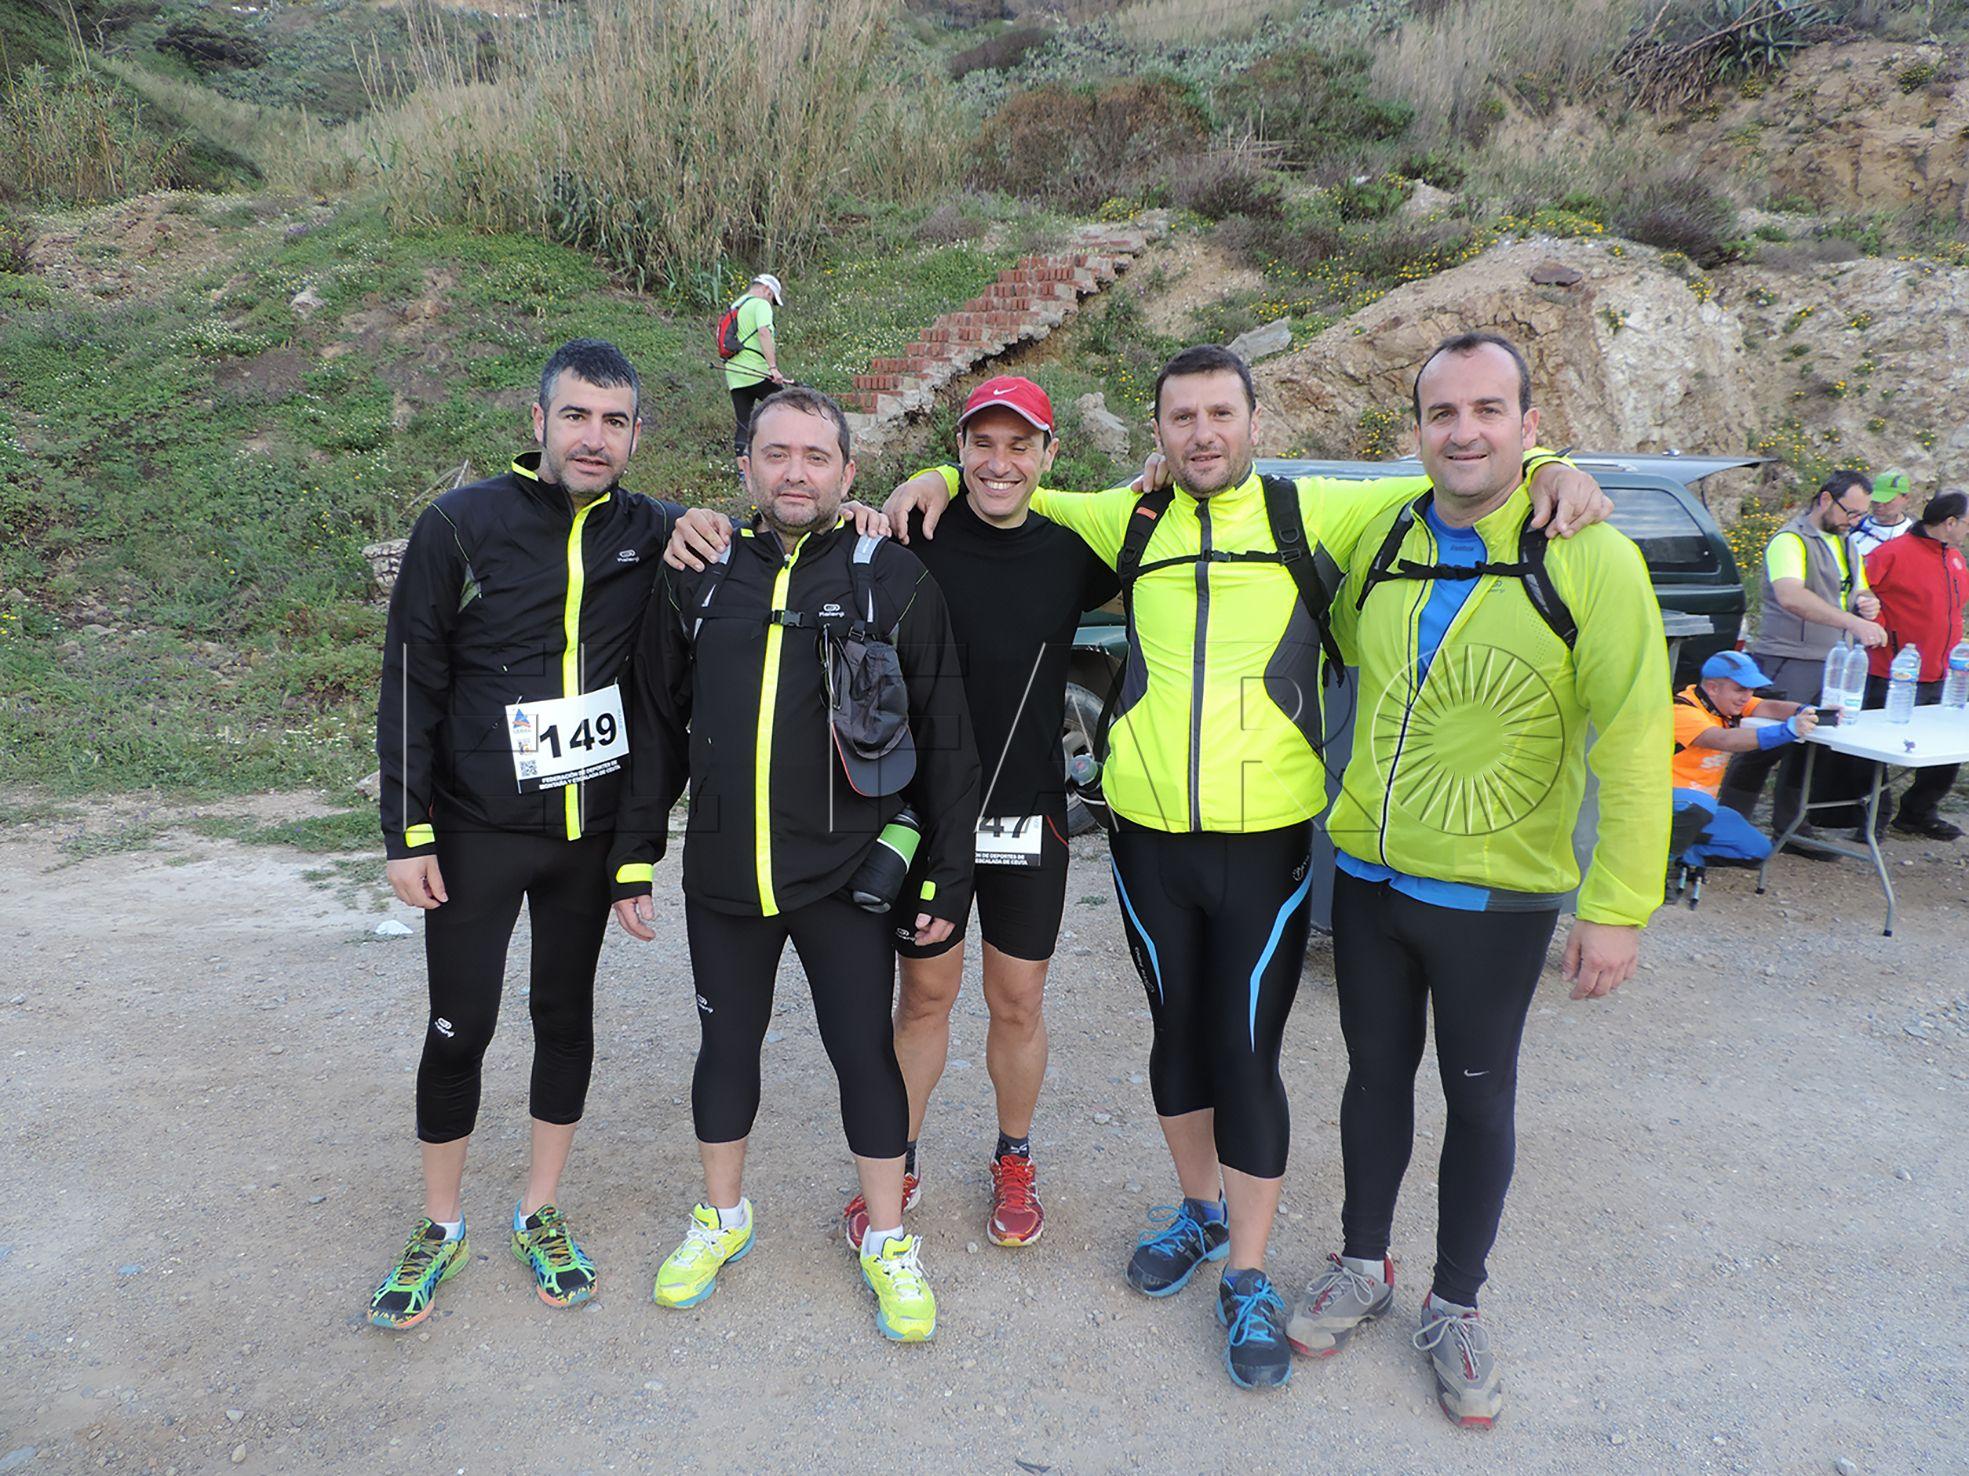 La vuelta a Ceuta andando 'Memorial Auxi Jimeno', suspendida